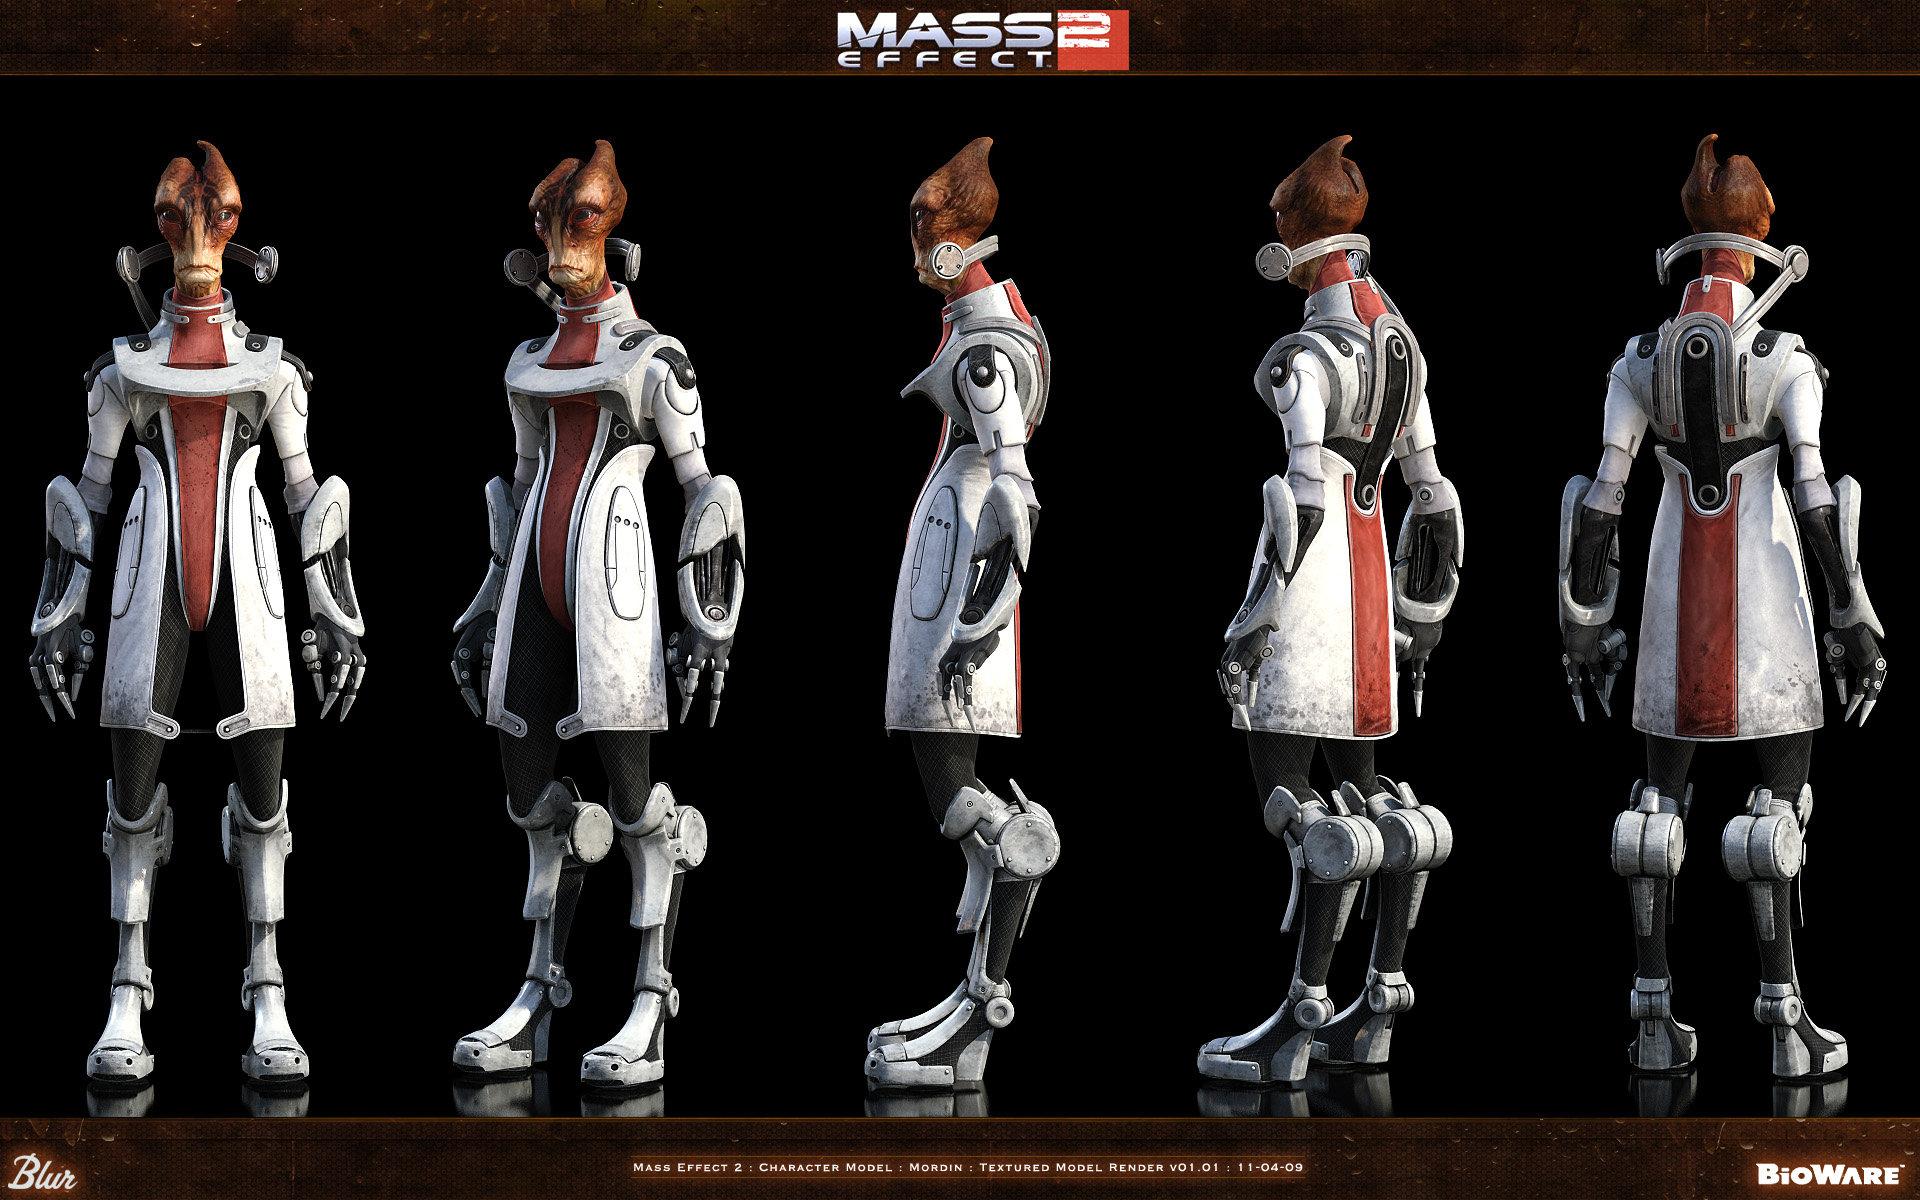 Me2 character mordin v01 01